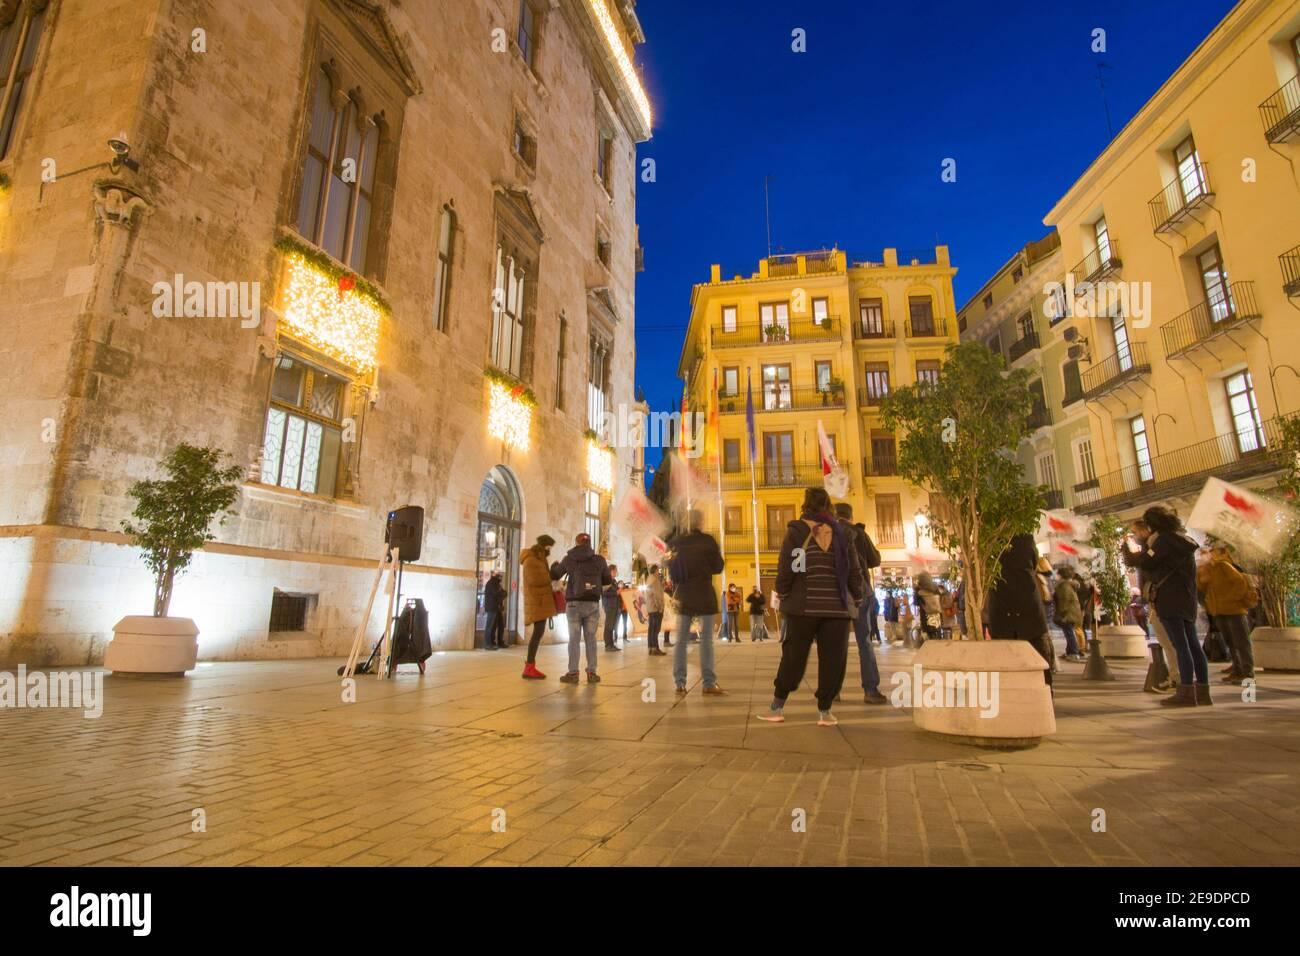 Valence Espagne le 10 décembre 2020: Nuit à Noël Palais Generalitat avec lumières. Banque D'Images